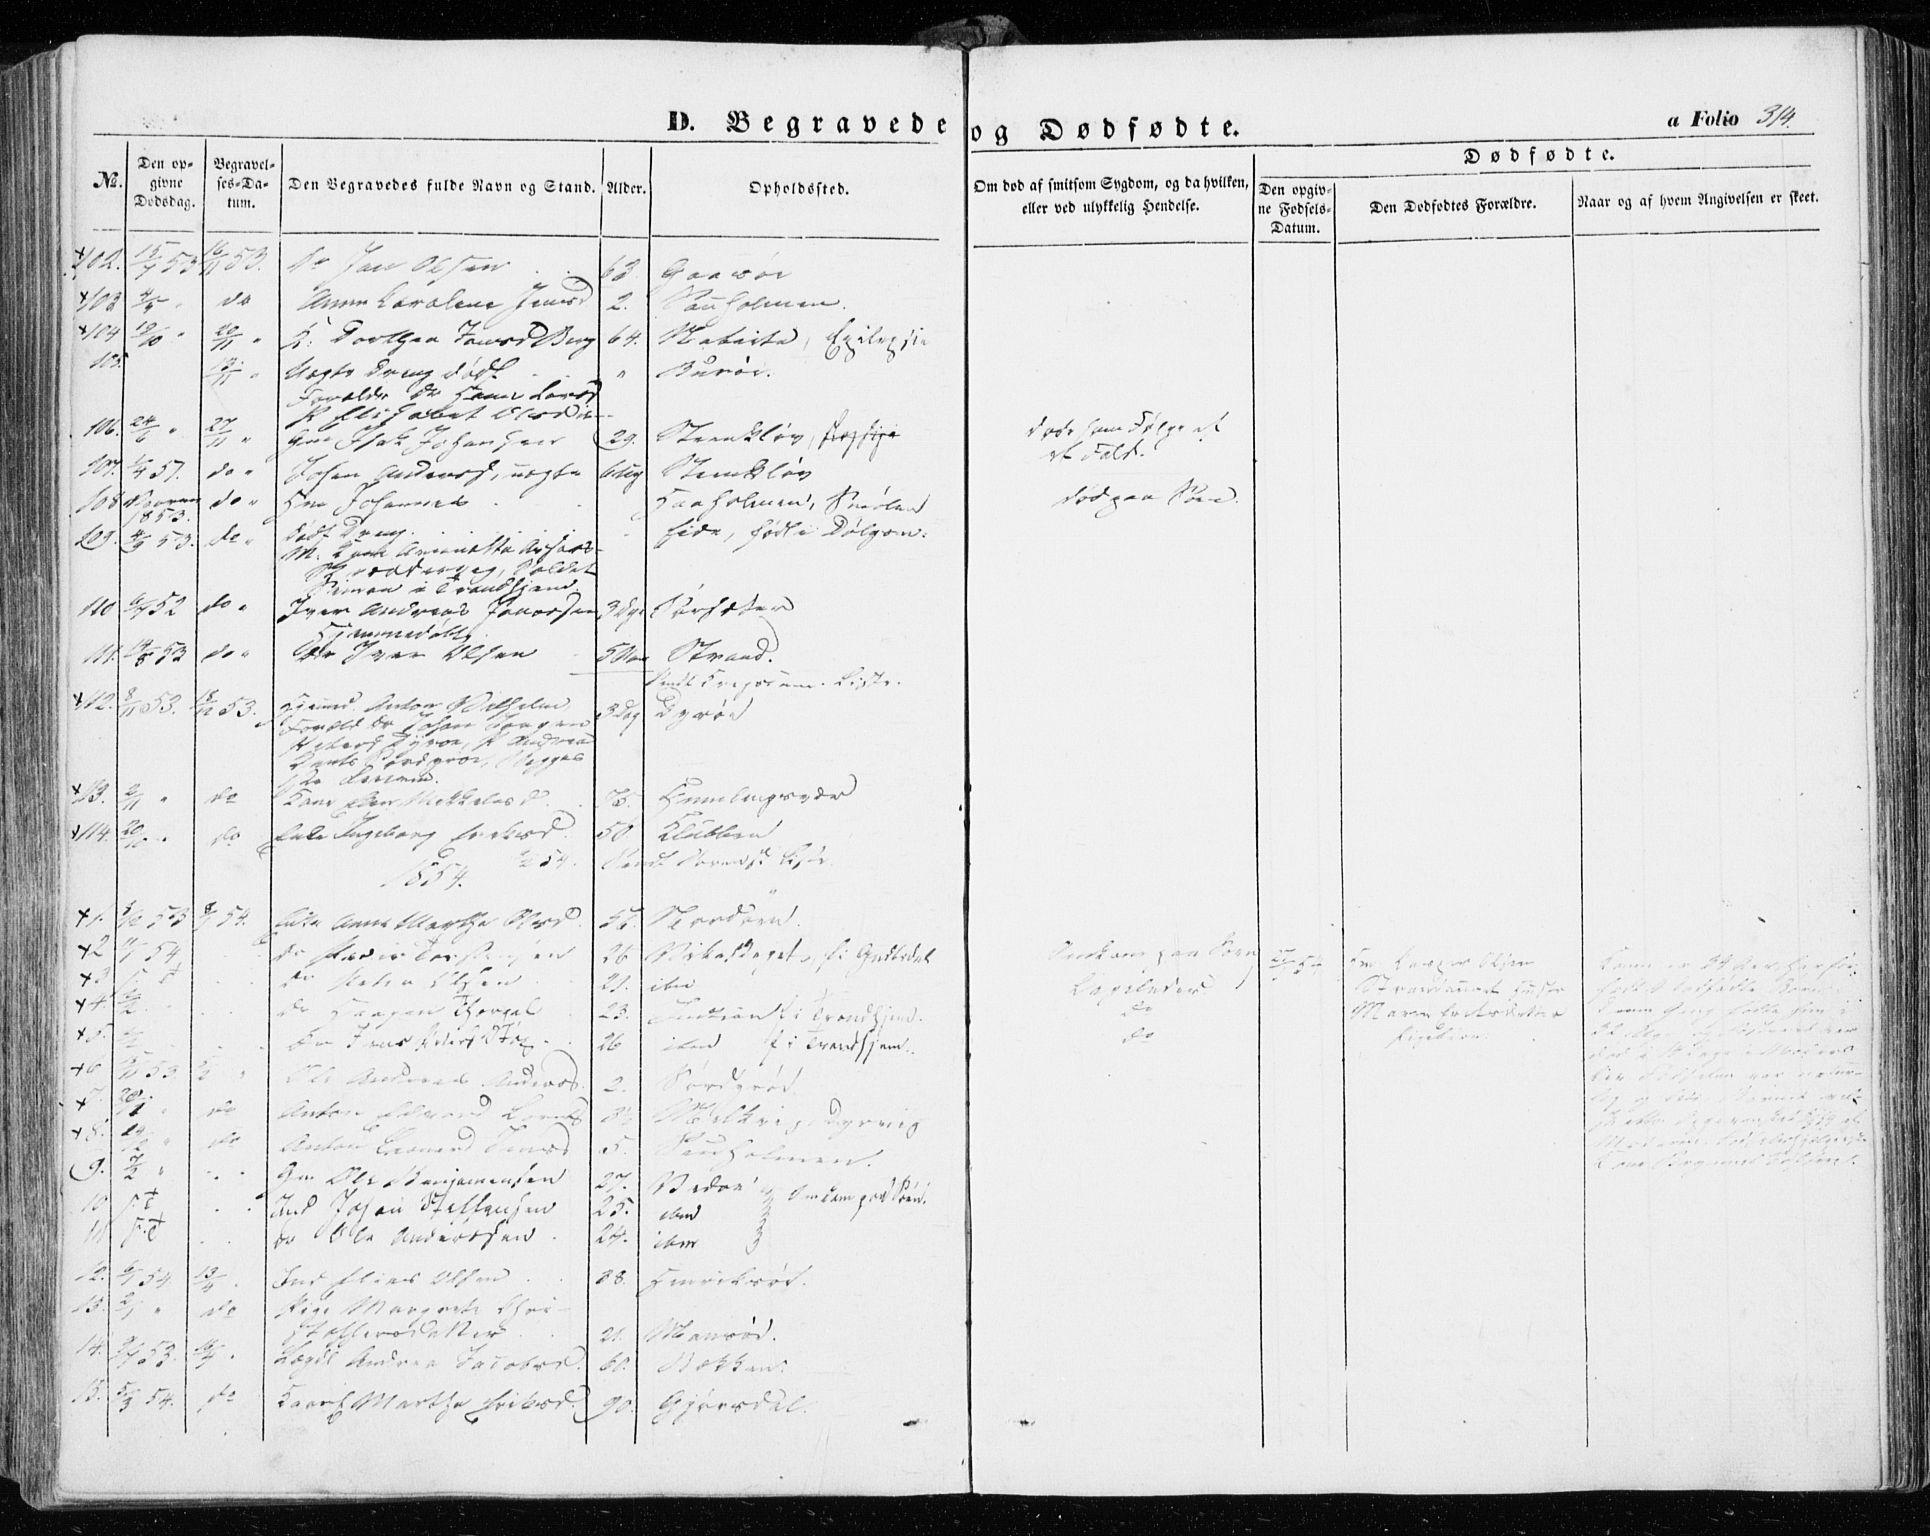 SAT, Ministerialprotokoller, klokkerbøker og fødselsregistre - Sør-Trøndelag, 634/L0530: Ministerialbok nr. 634A06, 1852-1860, s. 314